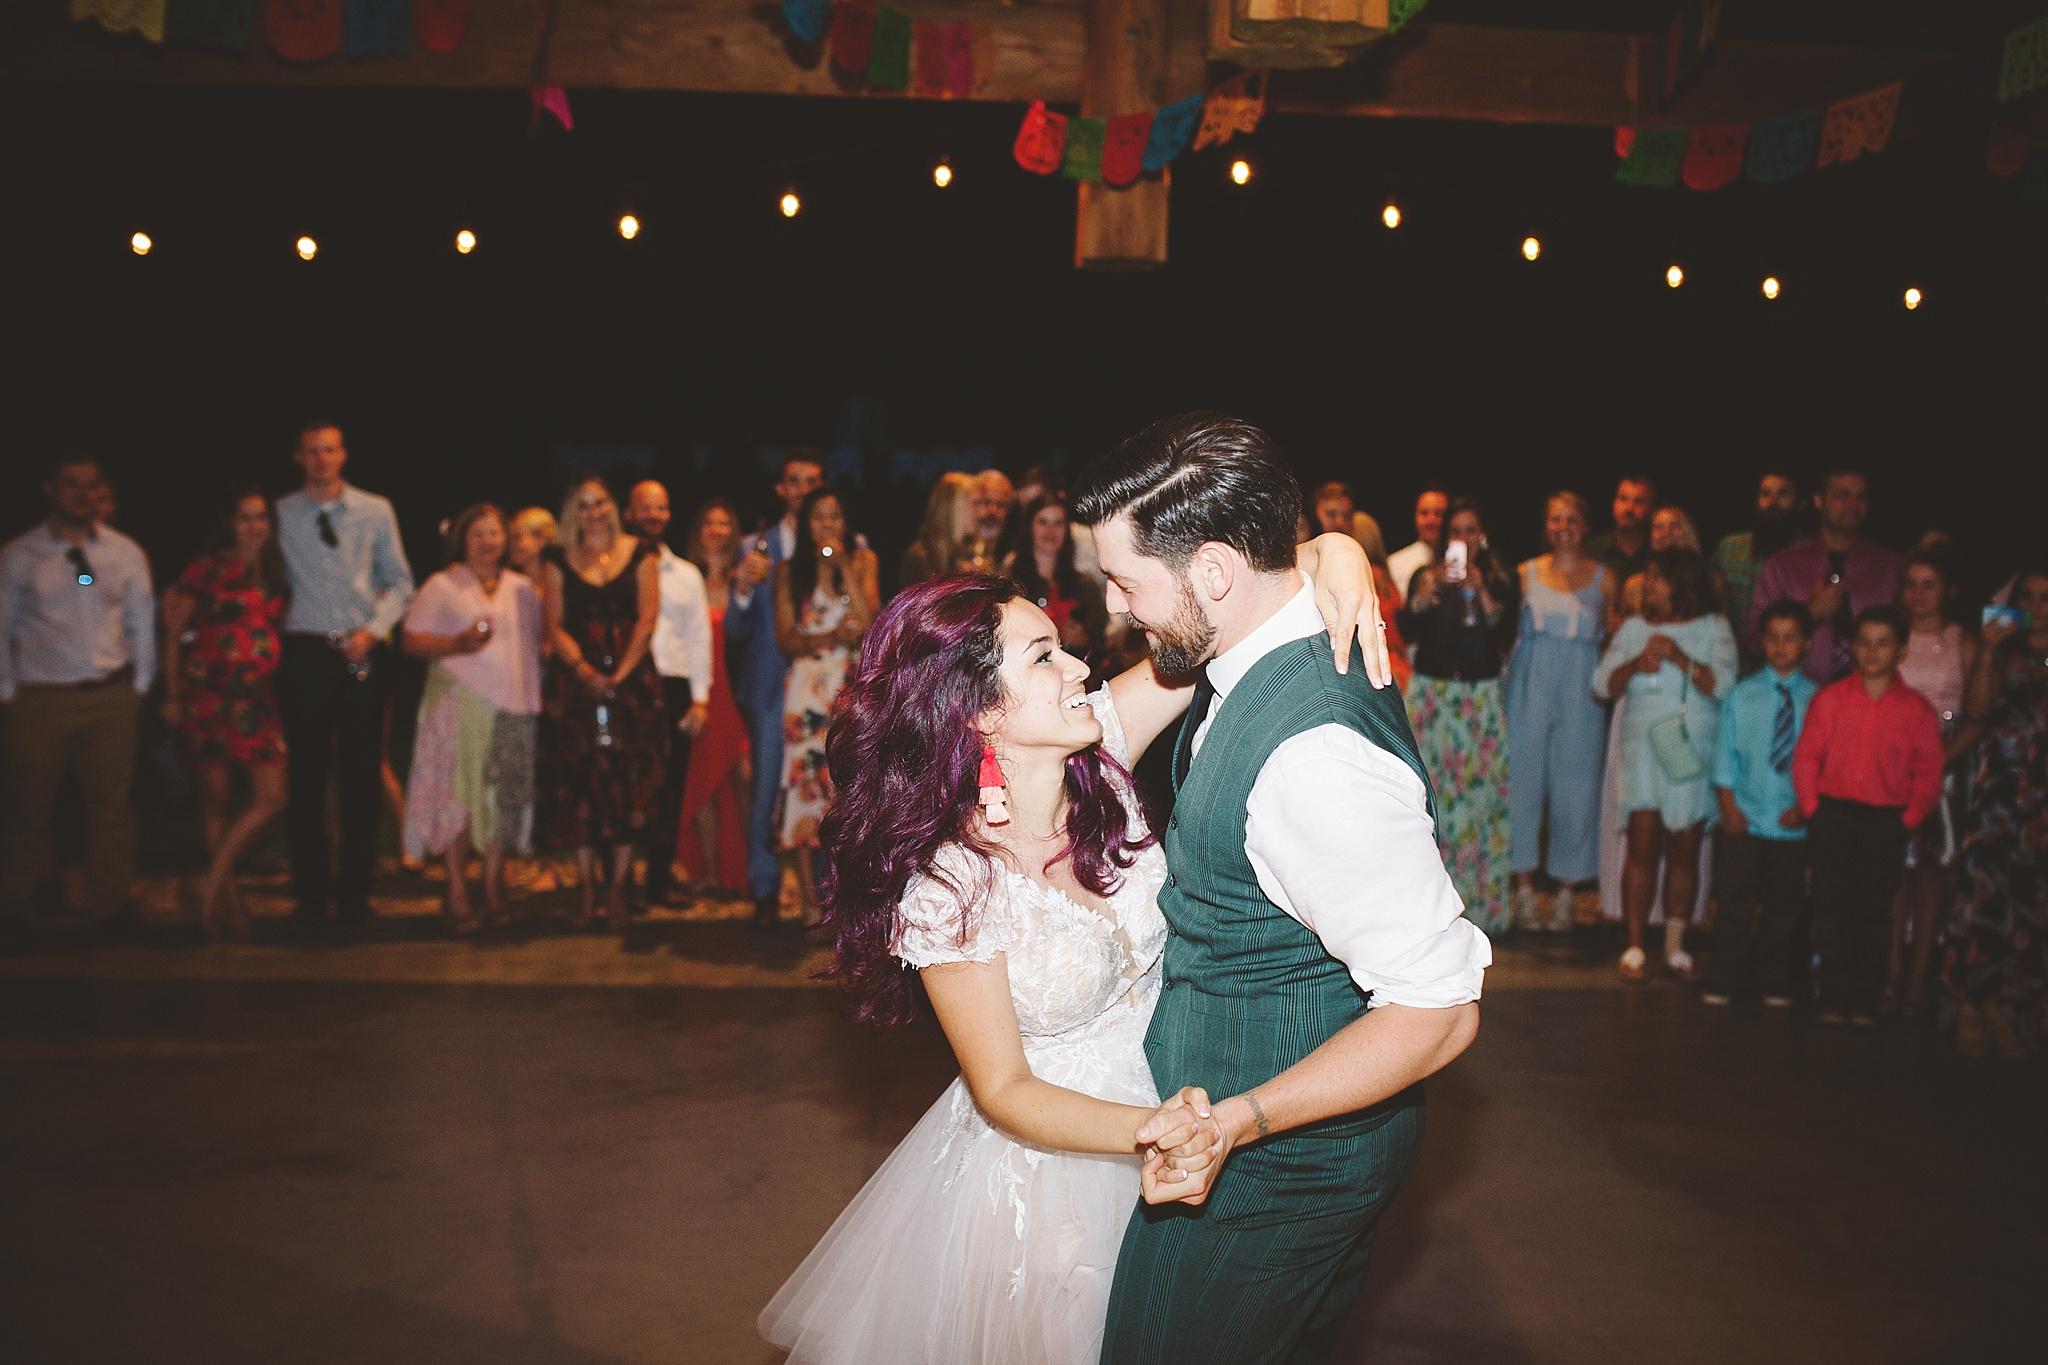 happy emotional first wedding dance